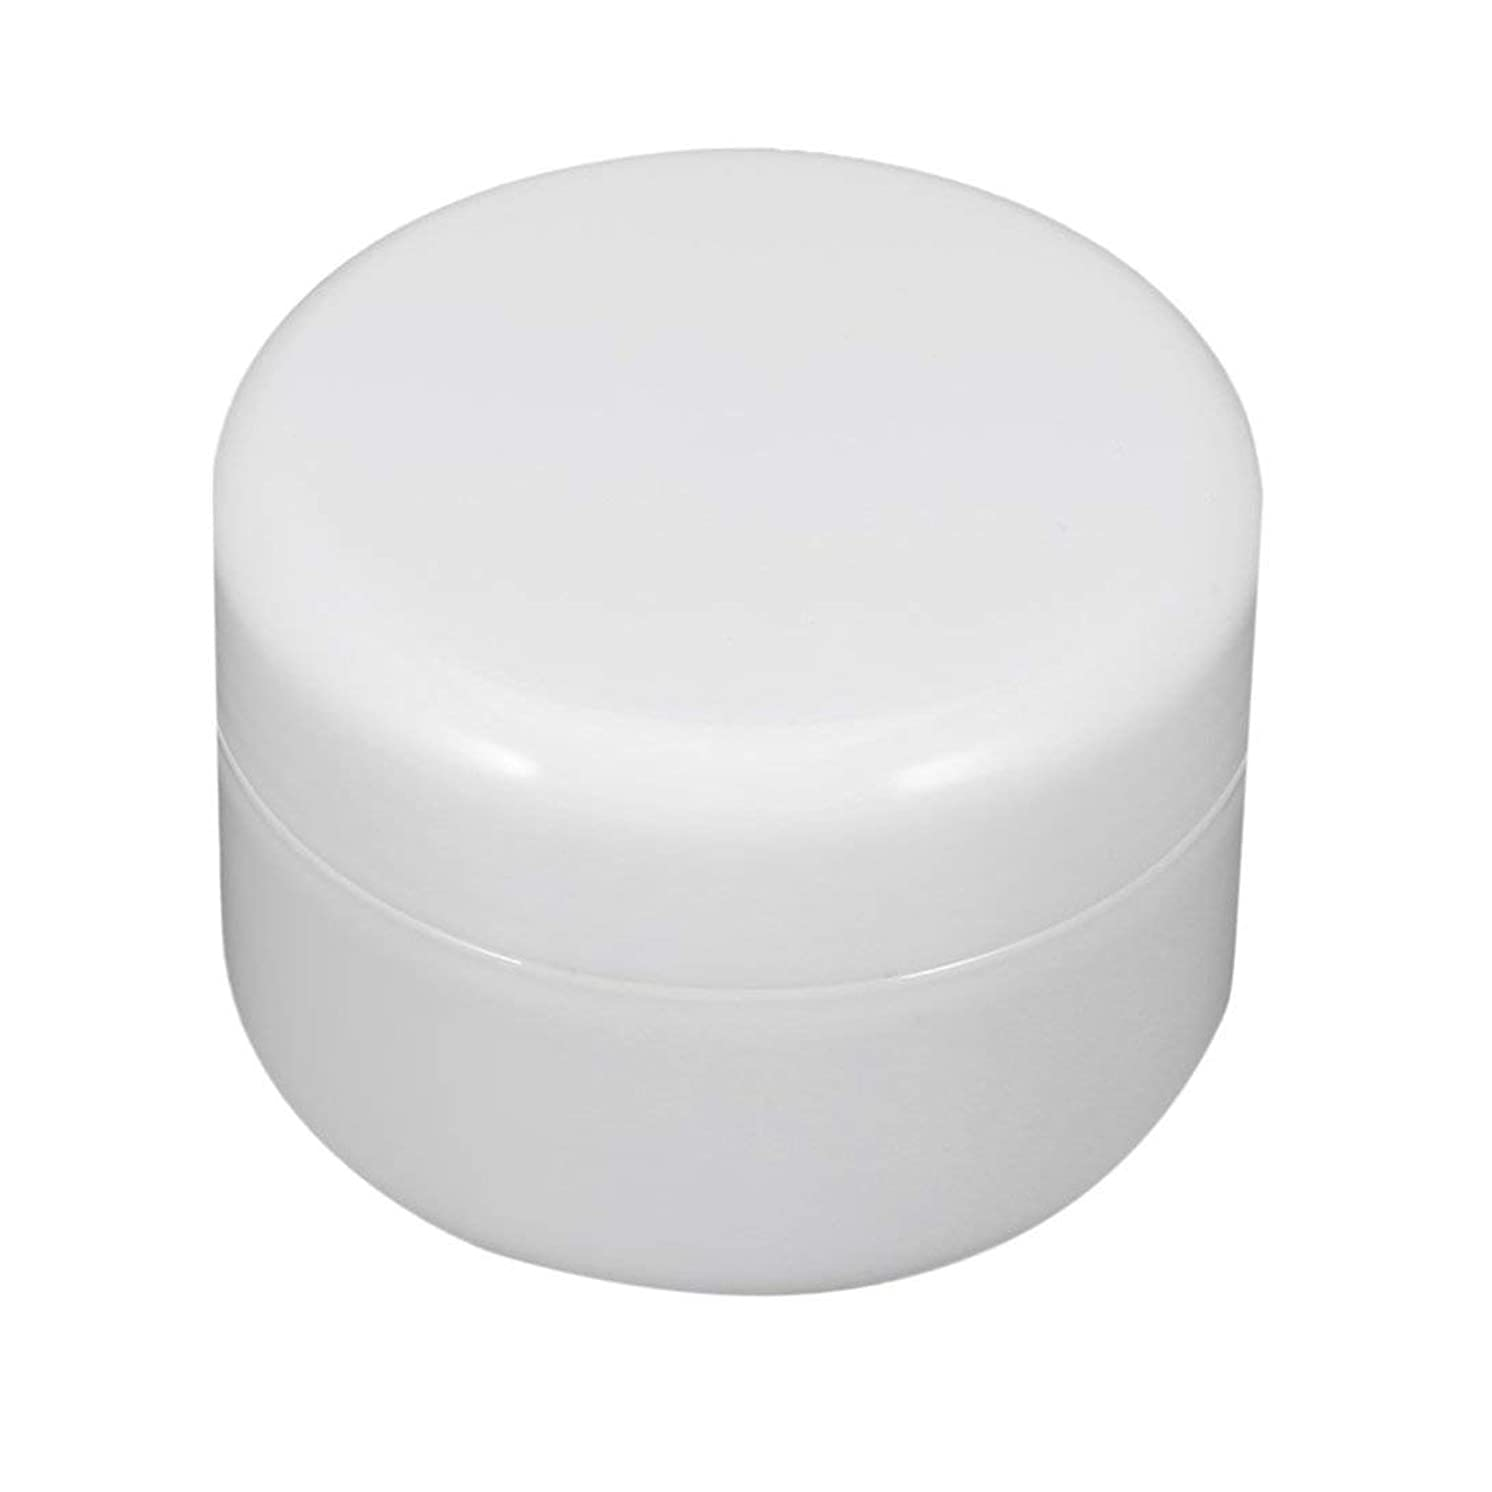 ビーム慢なはいSwiftgood クリームジャーボトルラウンド空PP化粧品の小さなサンプルメイクスクリューキャップでサブボトリングのためのプラスチック化粧品容器